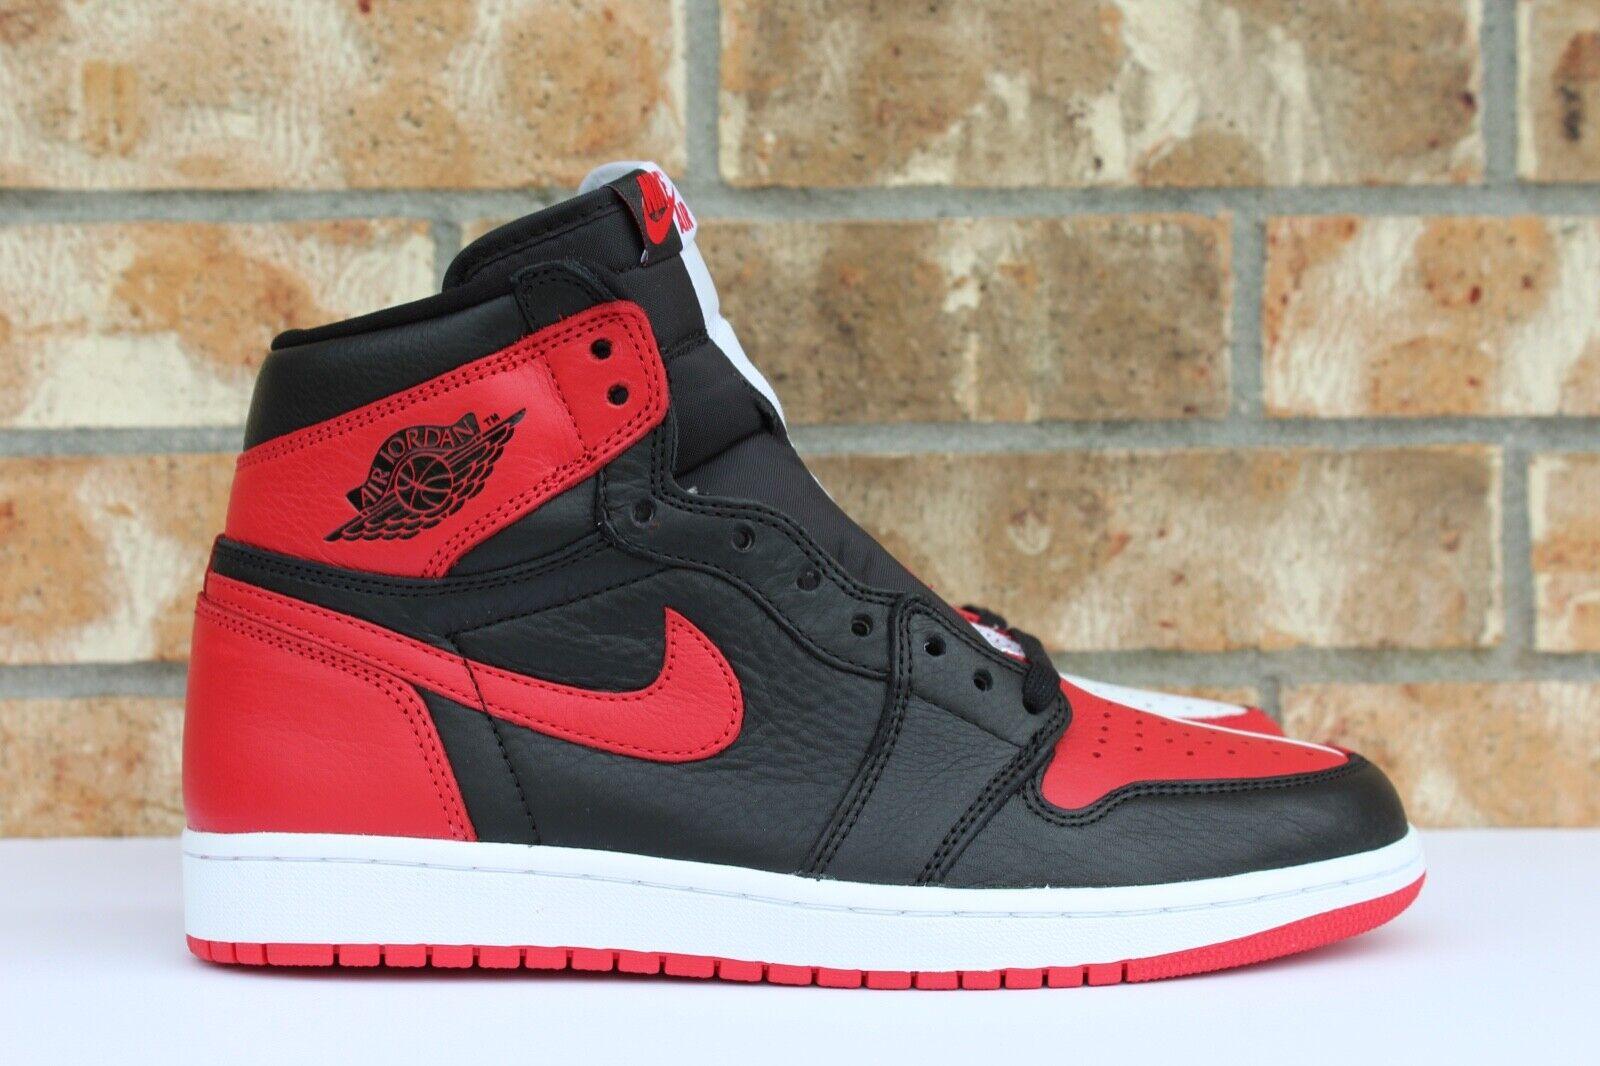 Men's Nike Air Jordan 1 Retro OG High NRG Homage To Home Size 10 861428-061